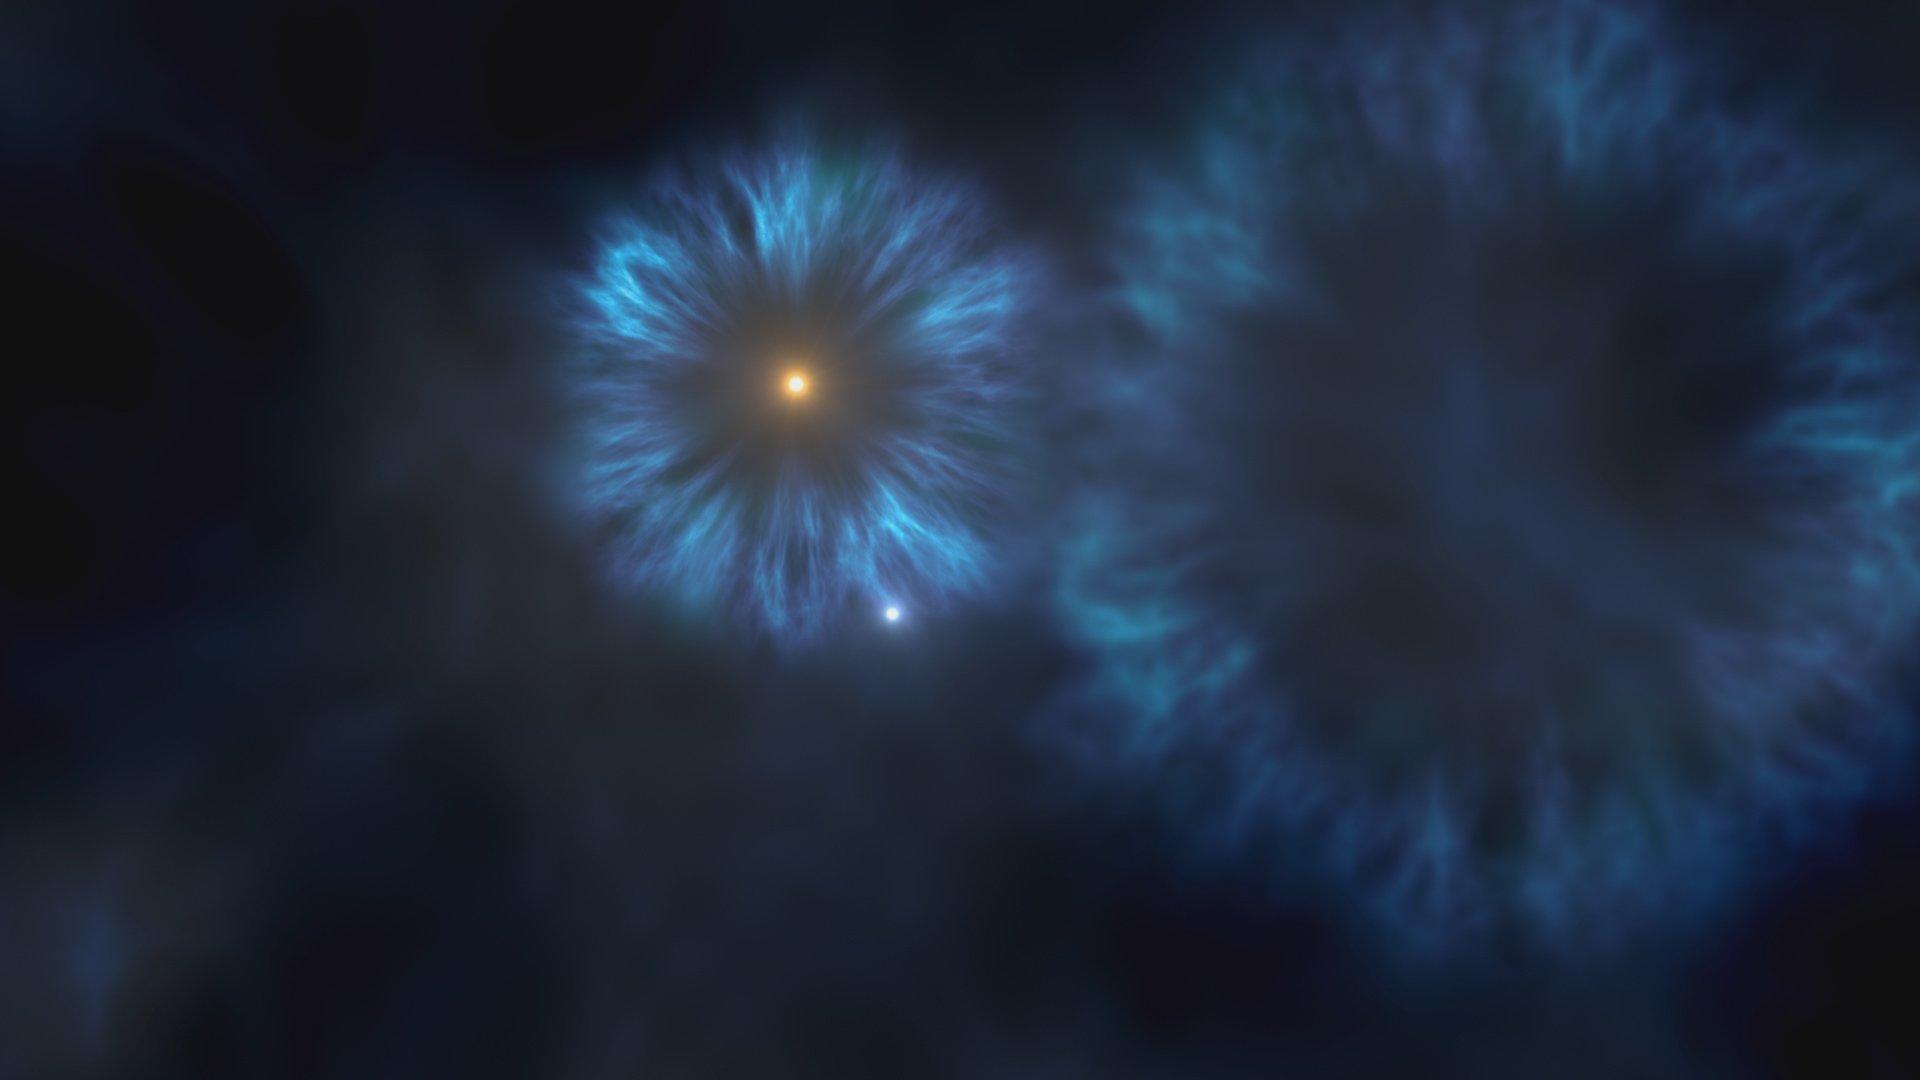 Representación artística de la explosión de las primeras estrellas masivas que se formaron en la Vía Láctea. La estrella J0815+4729 se formó a partir del material eyectado por estas primeras supernovas. Crédito: Gabriel Pérez, SMM (IAC).